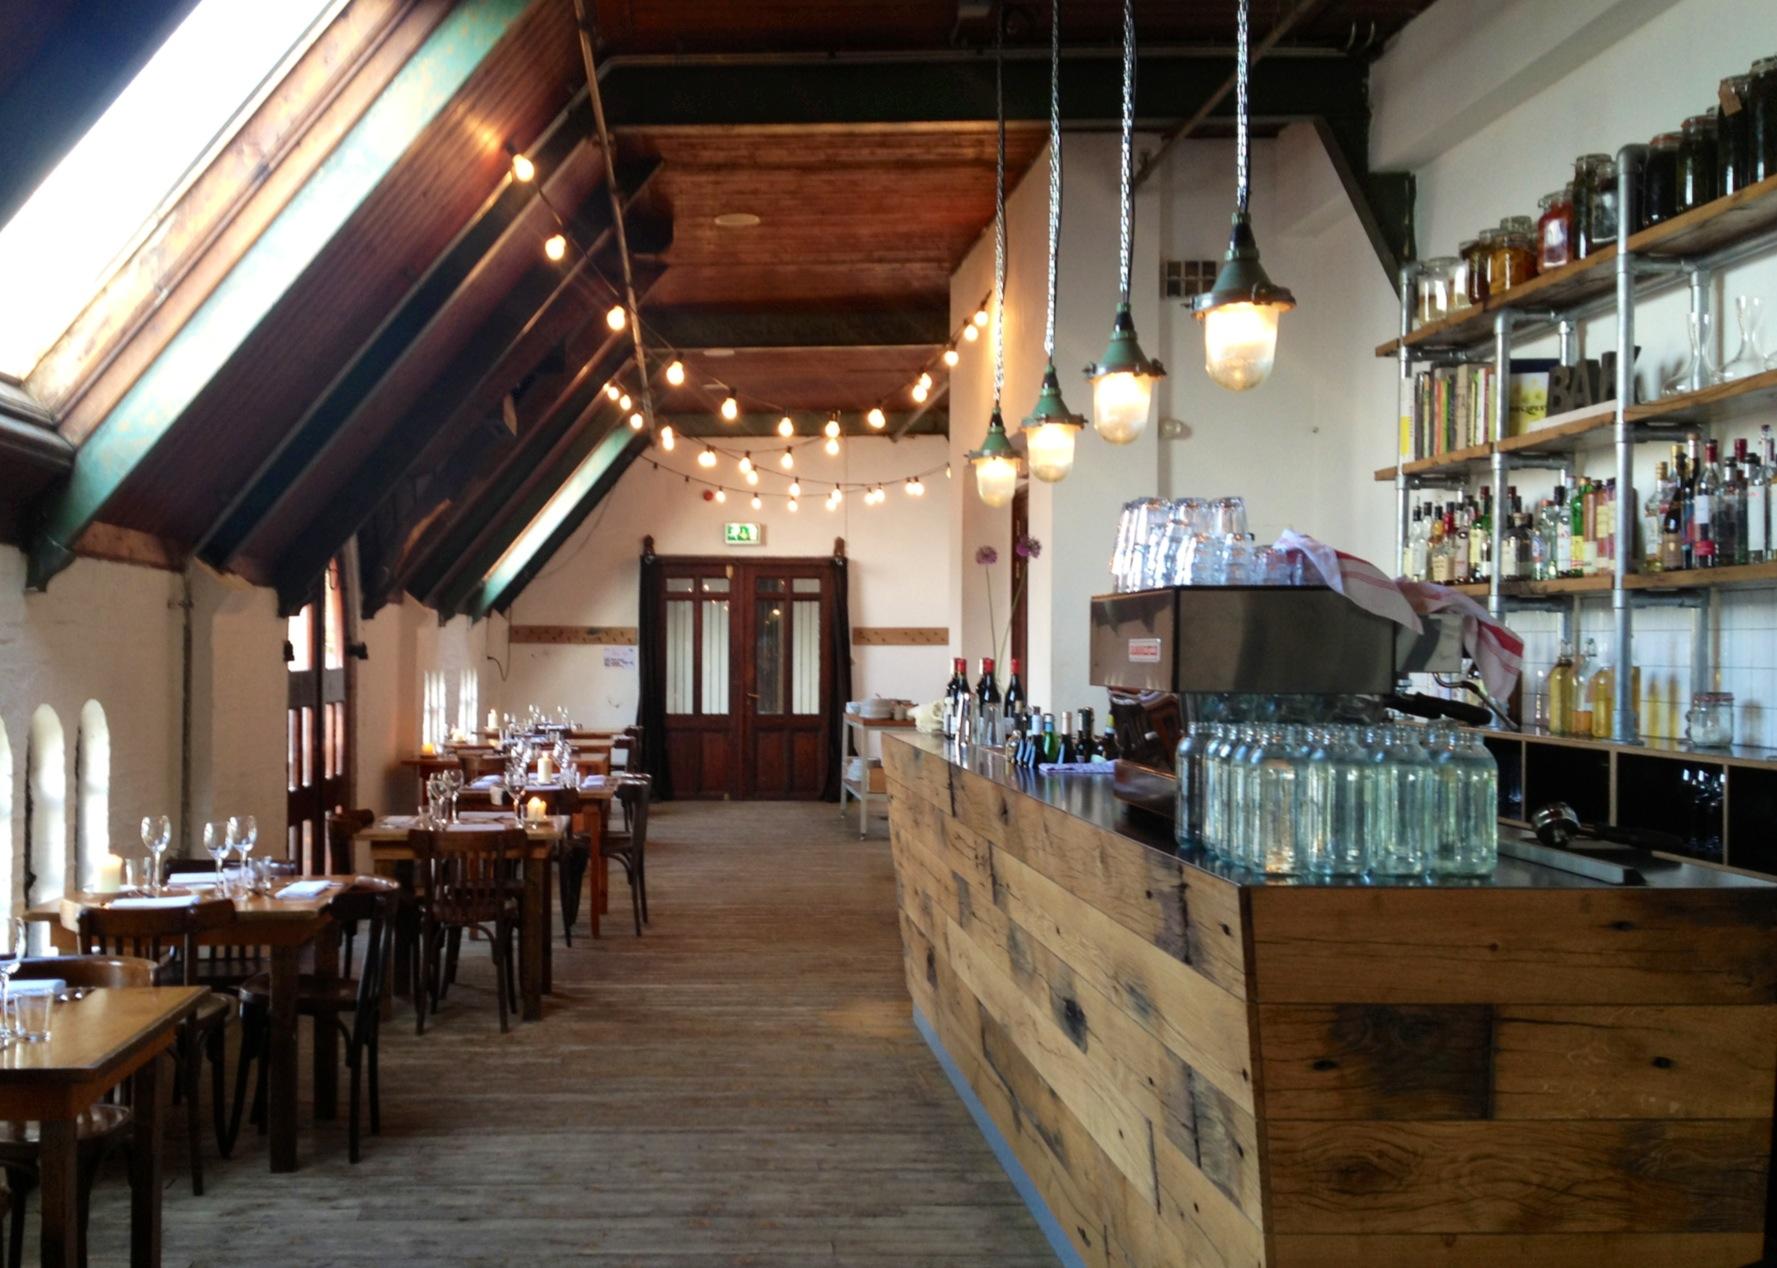 Bak restaurant, Амстердам - отзывы о ресторанах